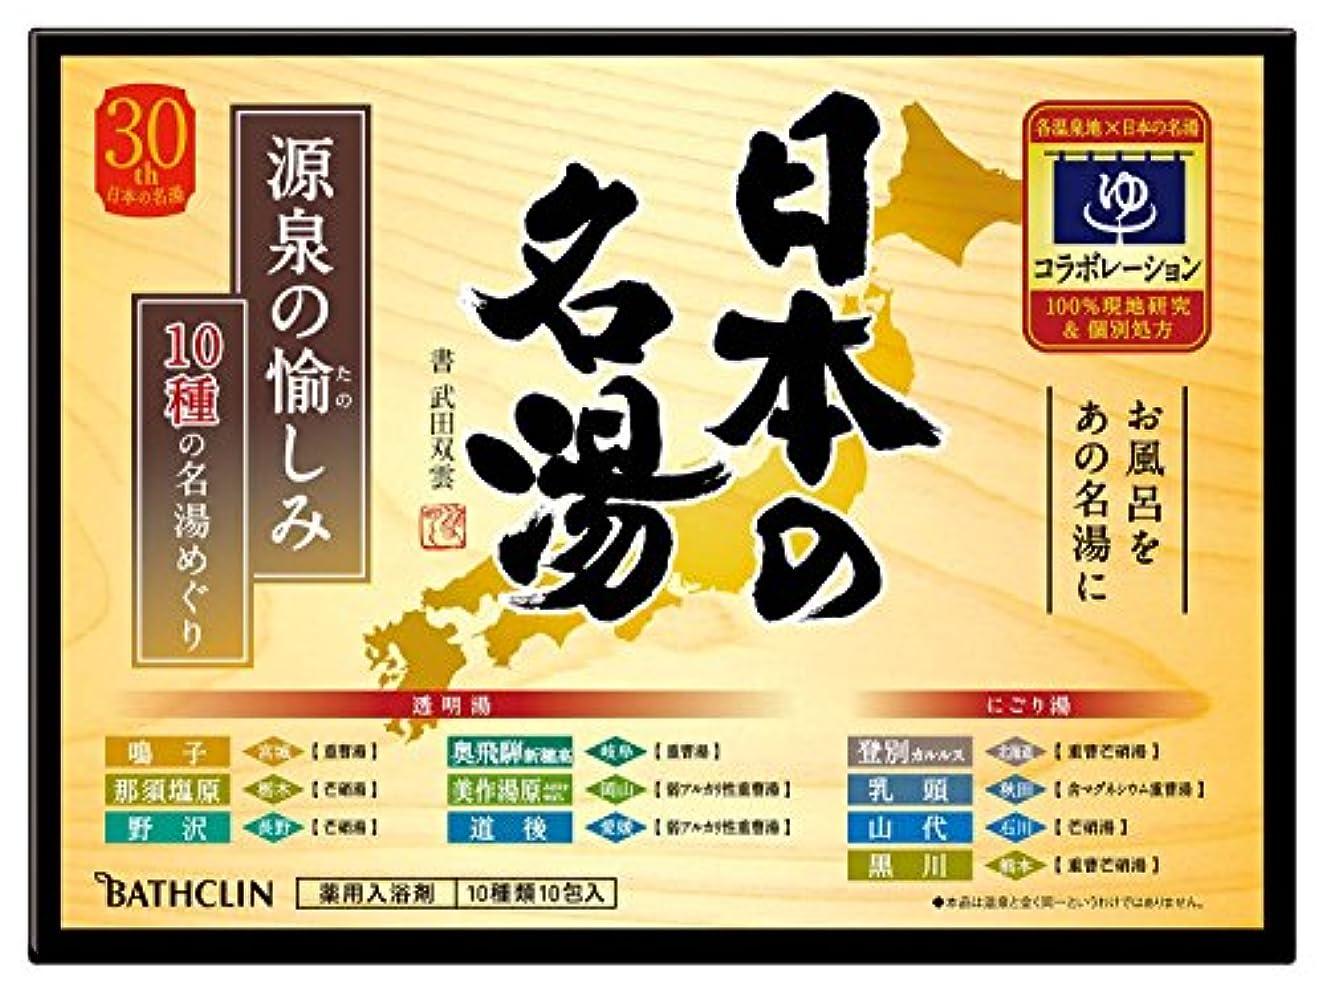 過ちにはまって宣言【医薬部外品】日本の名湯入浴剤 源泉の愉しみ 30g ×10包 個包装 詰め合わせ 温泉タイプ